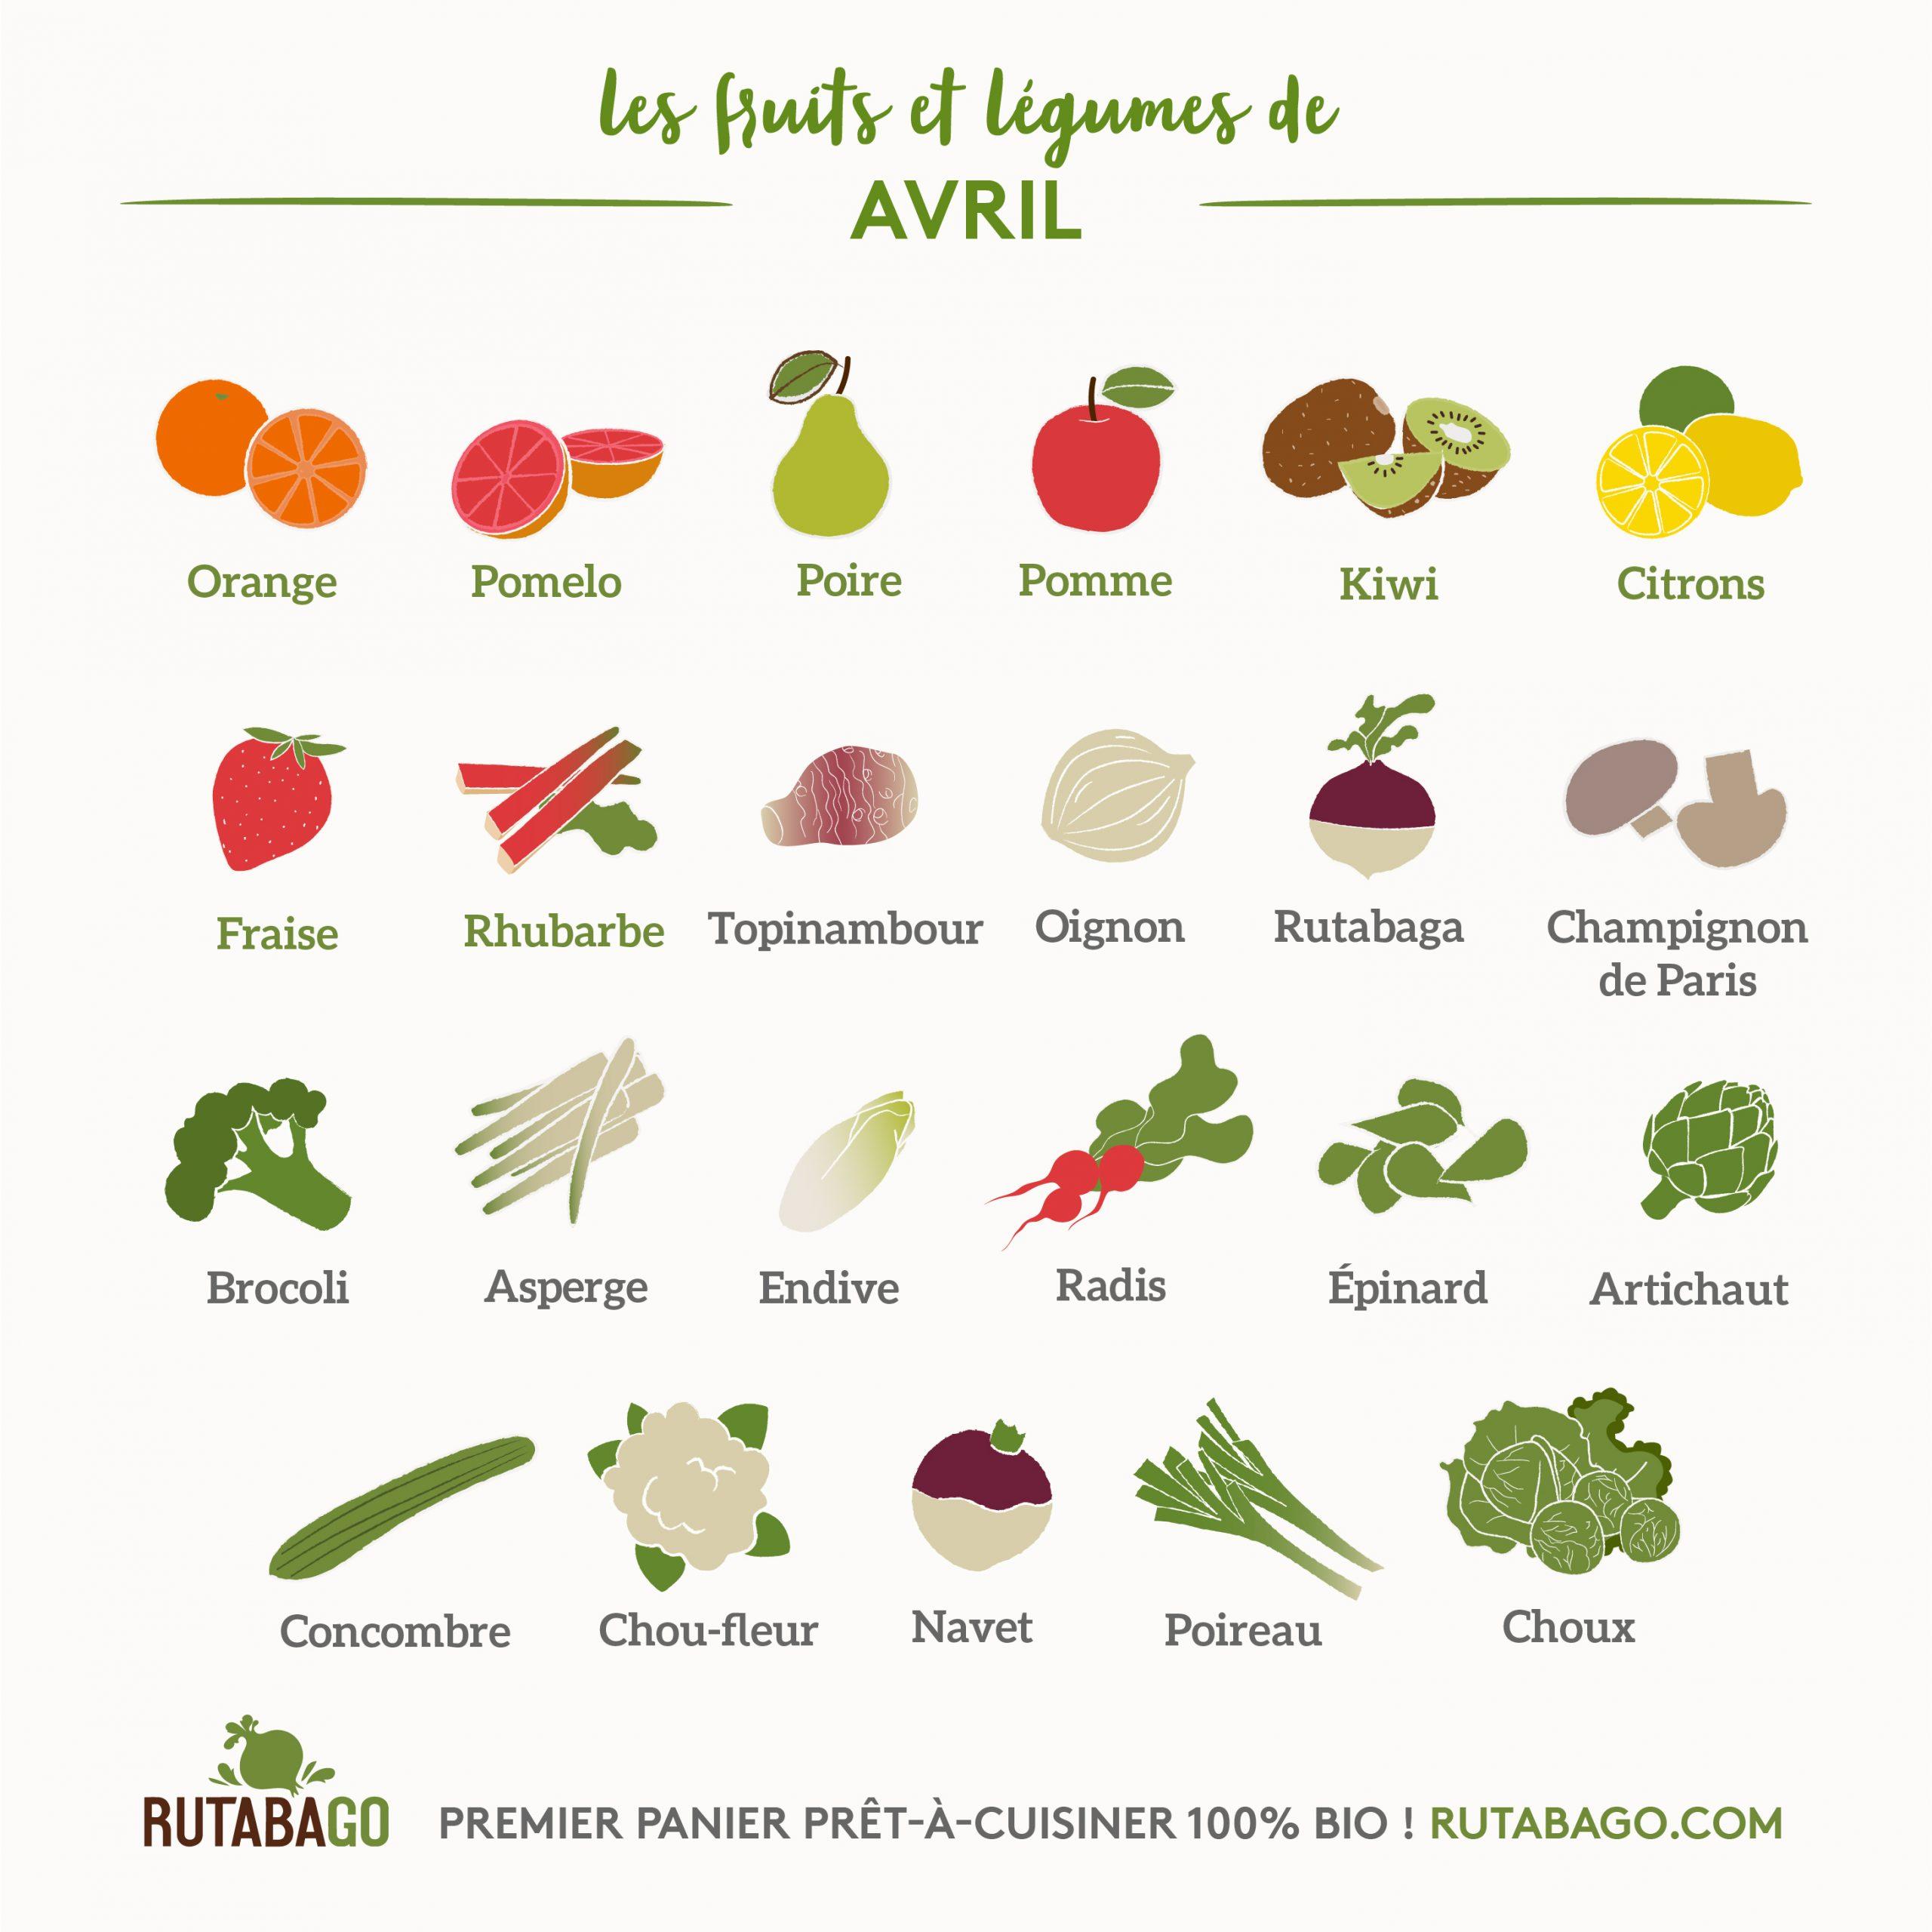 Les Fruits Et Légumes Du Mois D'avril - Les Pépites De Noisette destiné Nom De Legume